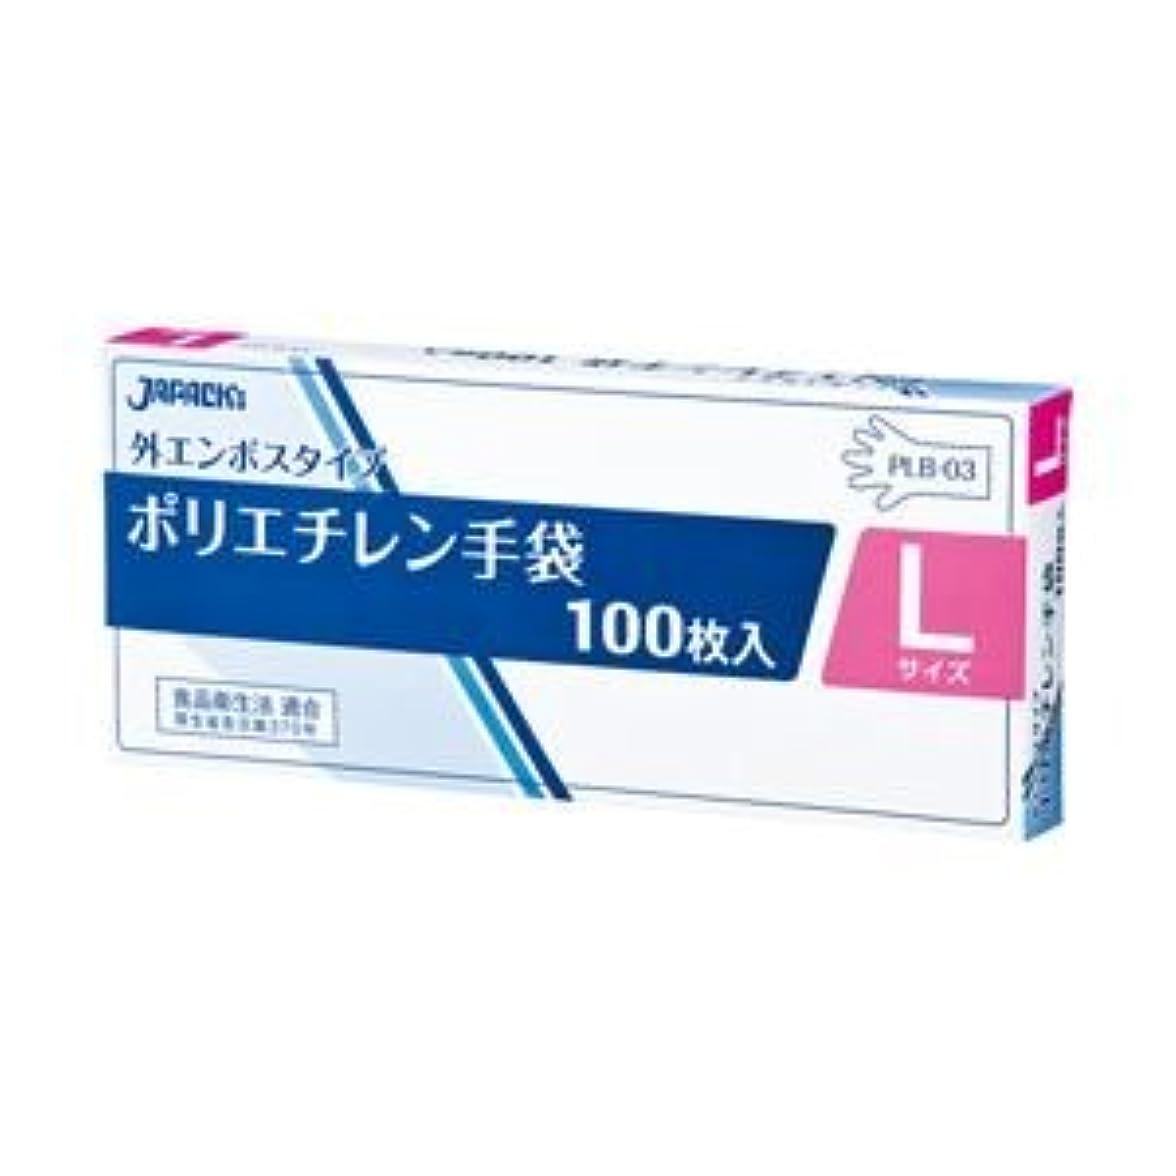 しょっぱい支払い動く(業務用セット) ジャパックス LDポリエチレン手袋 L 1箱(100枚) 【×20セット】